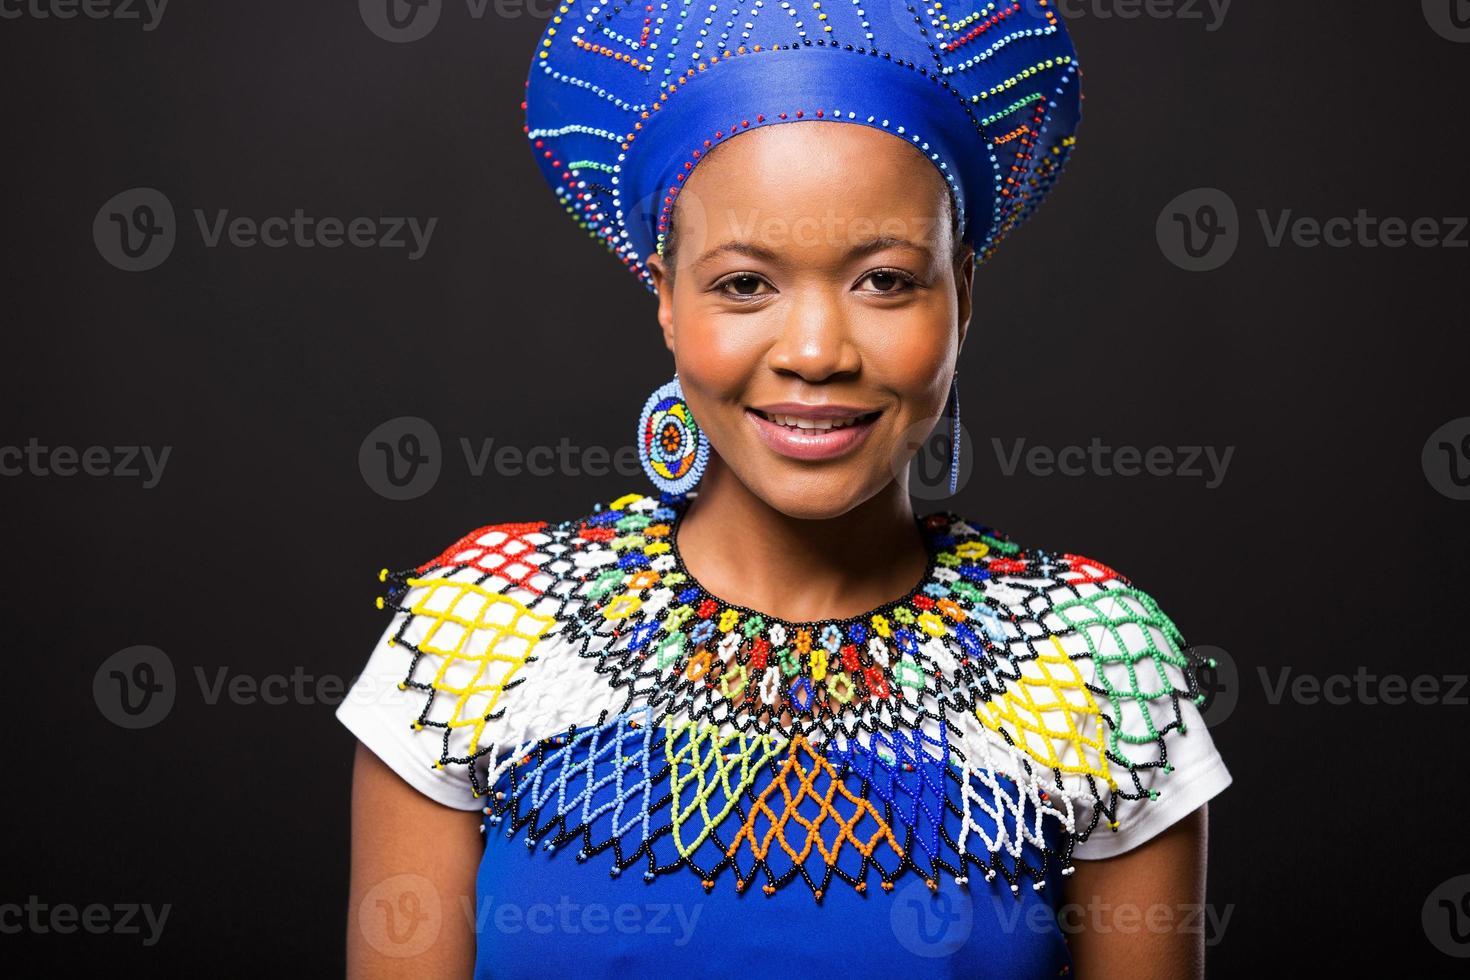 Ritratto di donna africana su sfondo nero foto